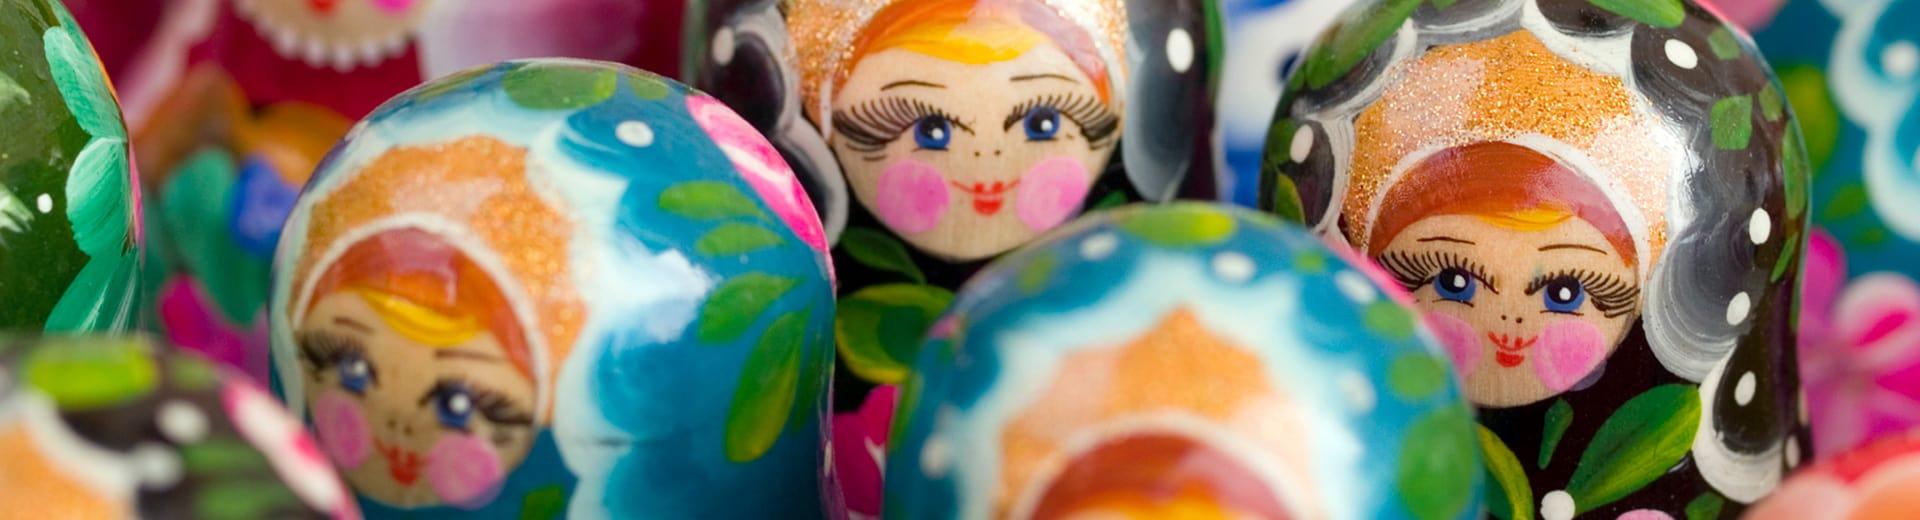 russia dolls